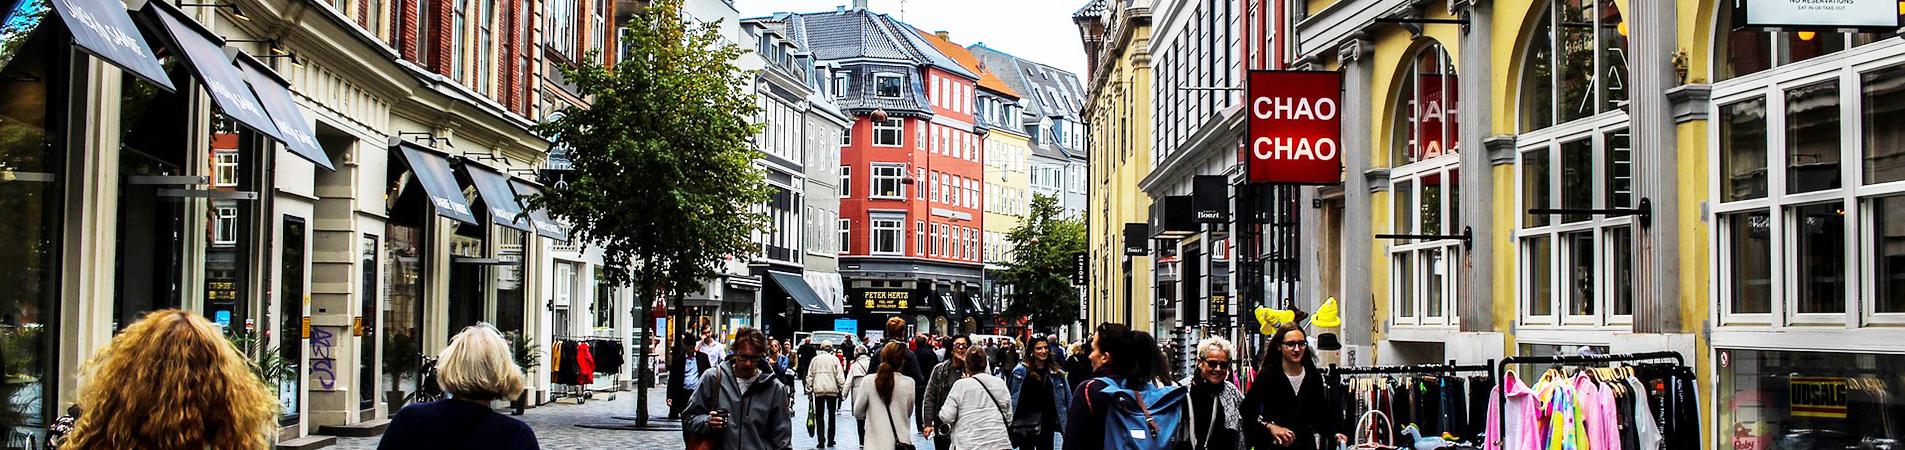 E-Commcerce Omnichannel Multichannel Crosschannel - Fußgängerzone mit vielen Shops / Geschäften